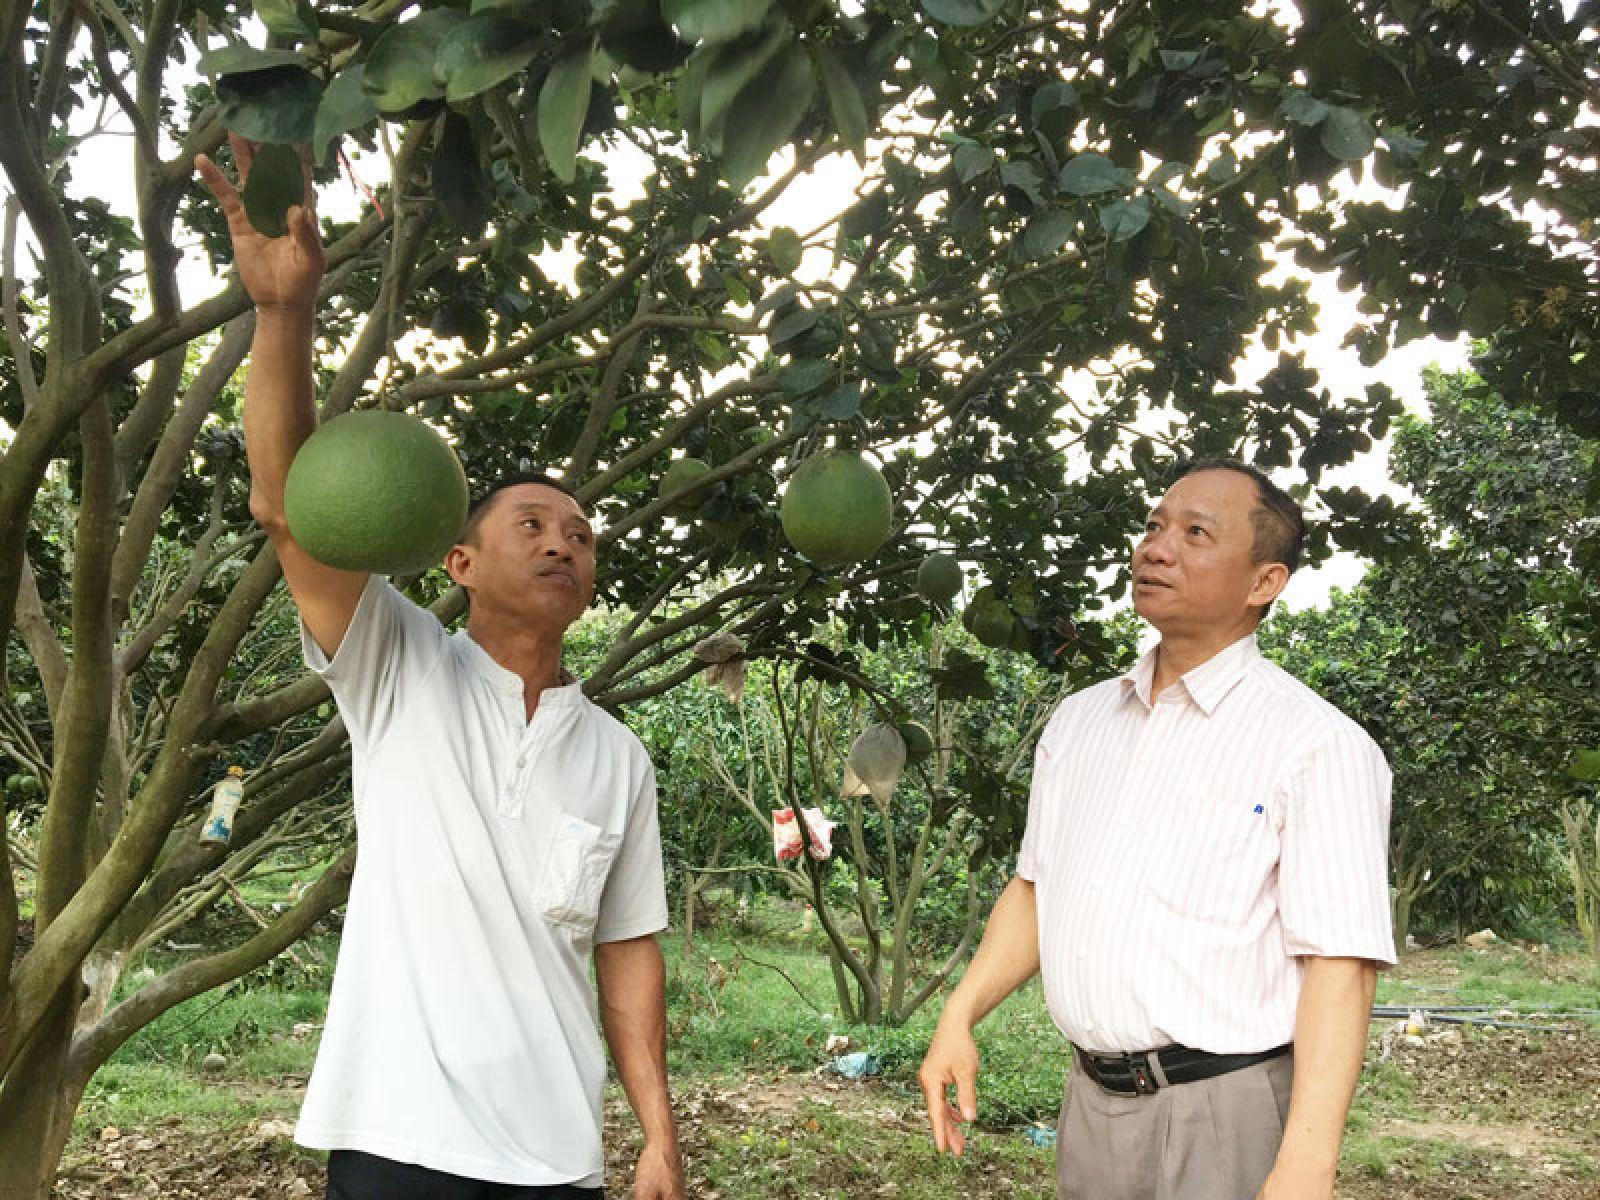 Anh Lê Văn Hoàng (trái) giới thiệu về mô hình trồng bưởi da xanh, phía dưới tán anh thả heo rừng. Vườn bưởi da xanh của anh đang cho thu nhập gần 1 tỷ đồng/năm.